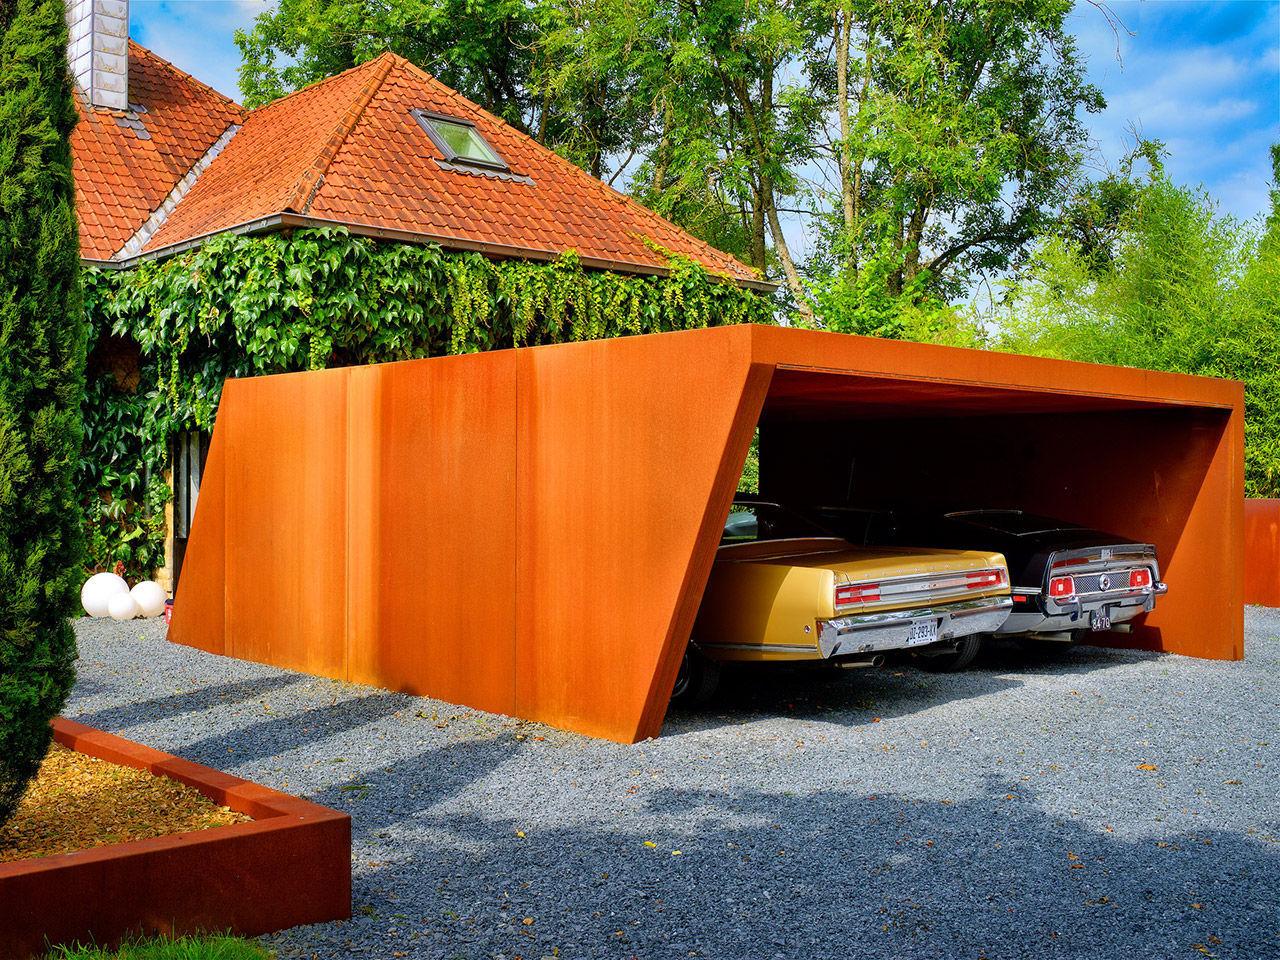 Cortenstahl-carport - Carport - Lmt Produkte Cortenstahl Garten Terrasse Produkte